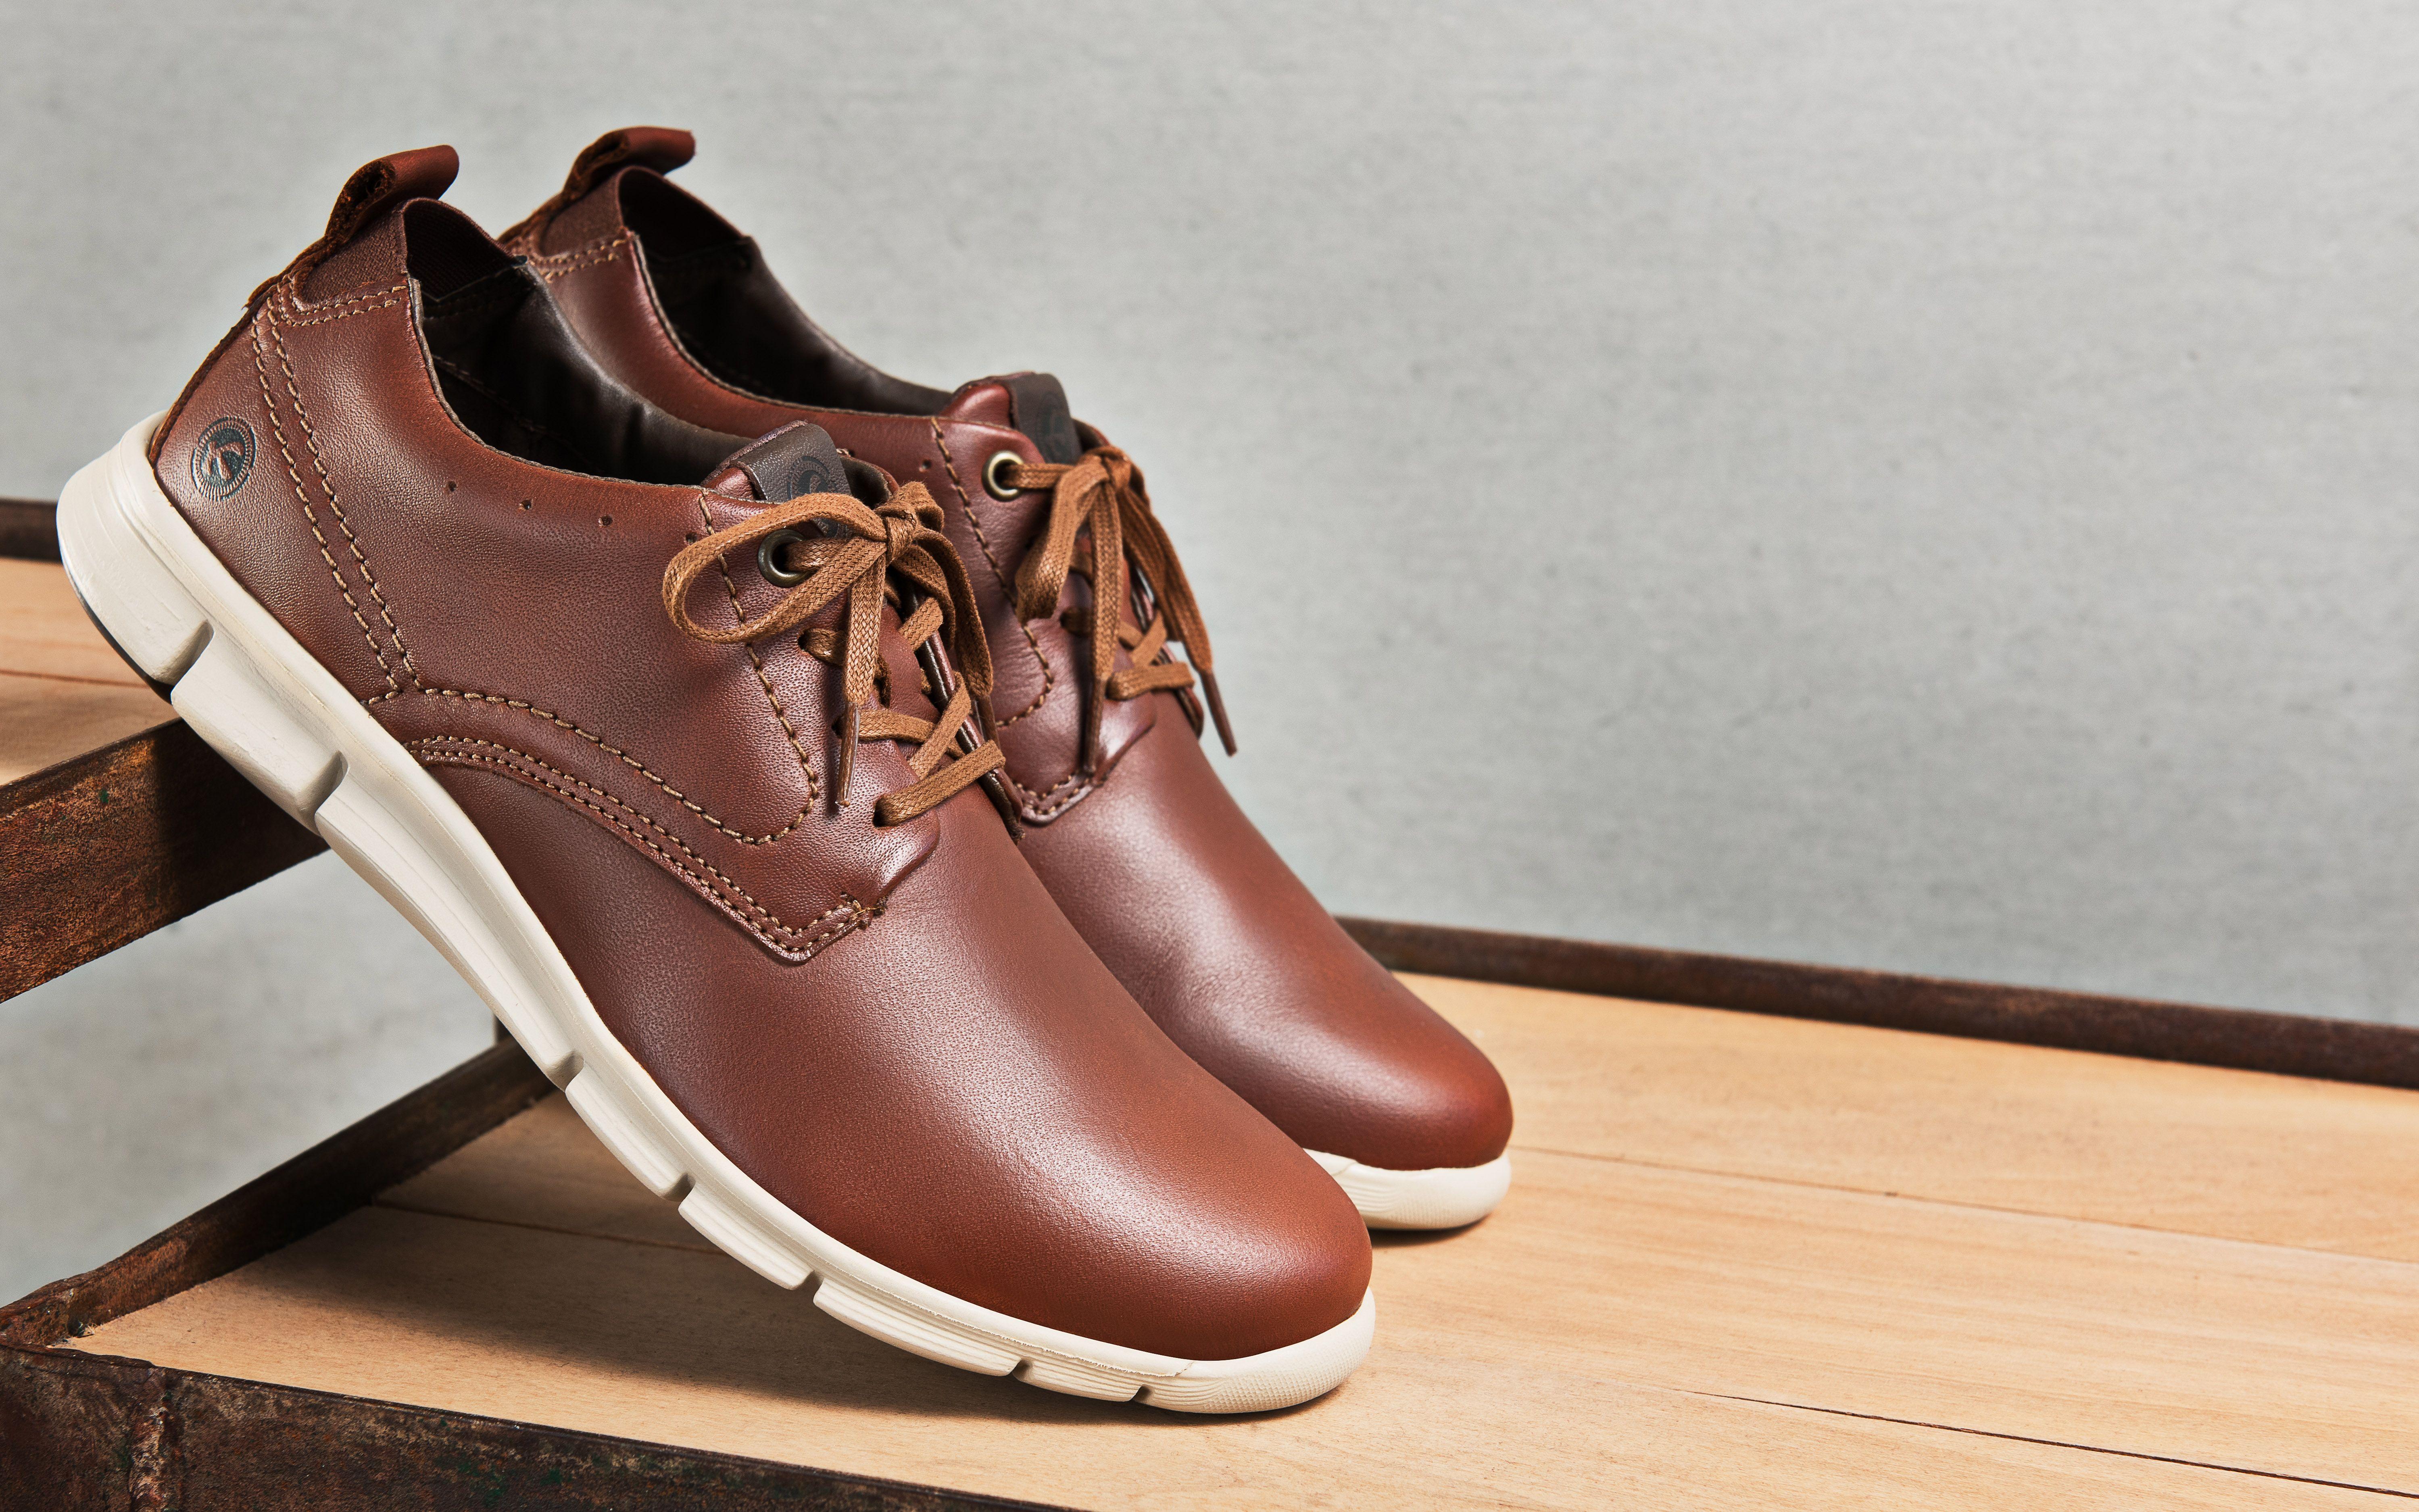 d153c1de4 Sapato Casual BK6401 AN.CLOUD MALTE #kildare #sapatenis #masculino ...